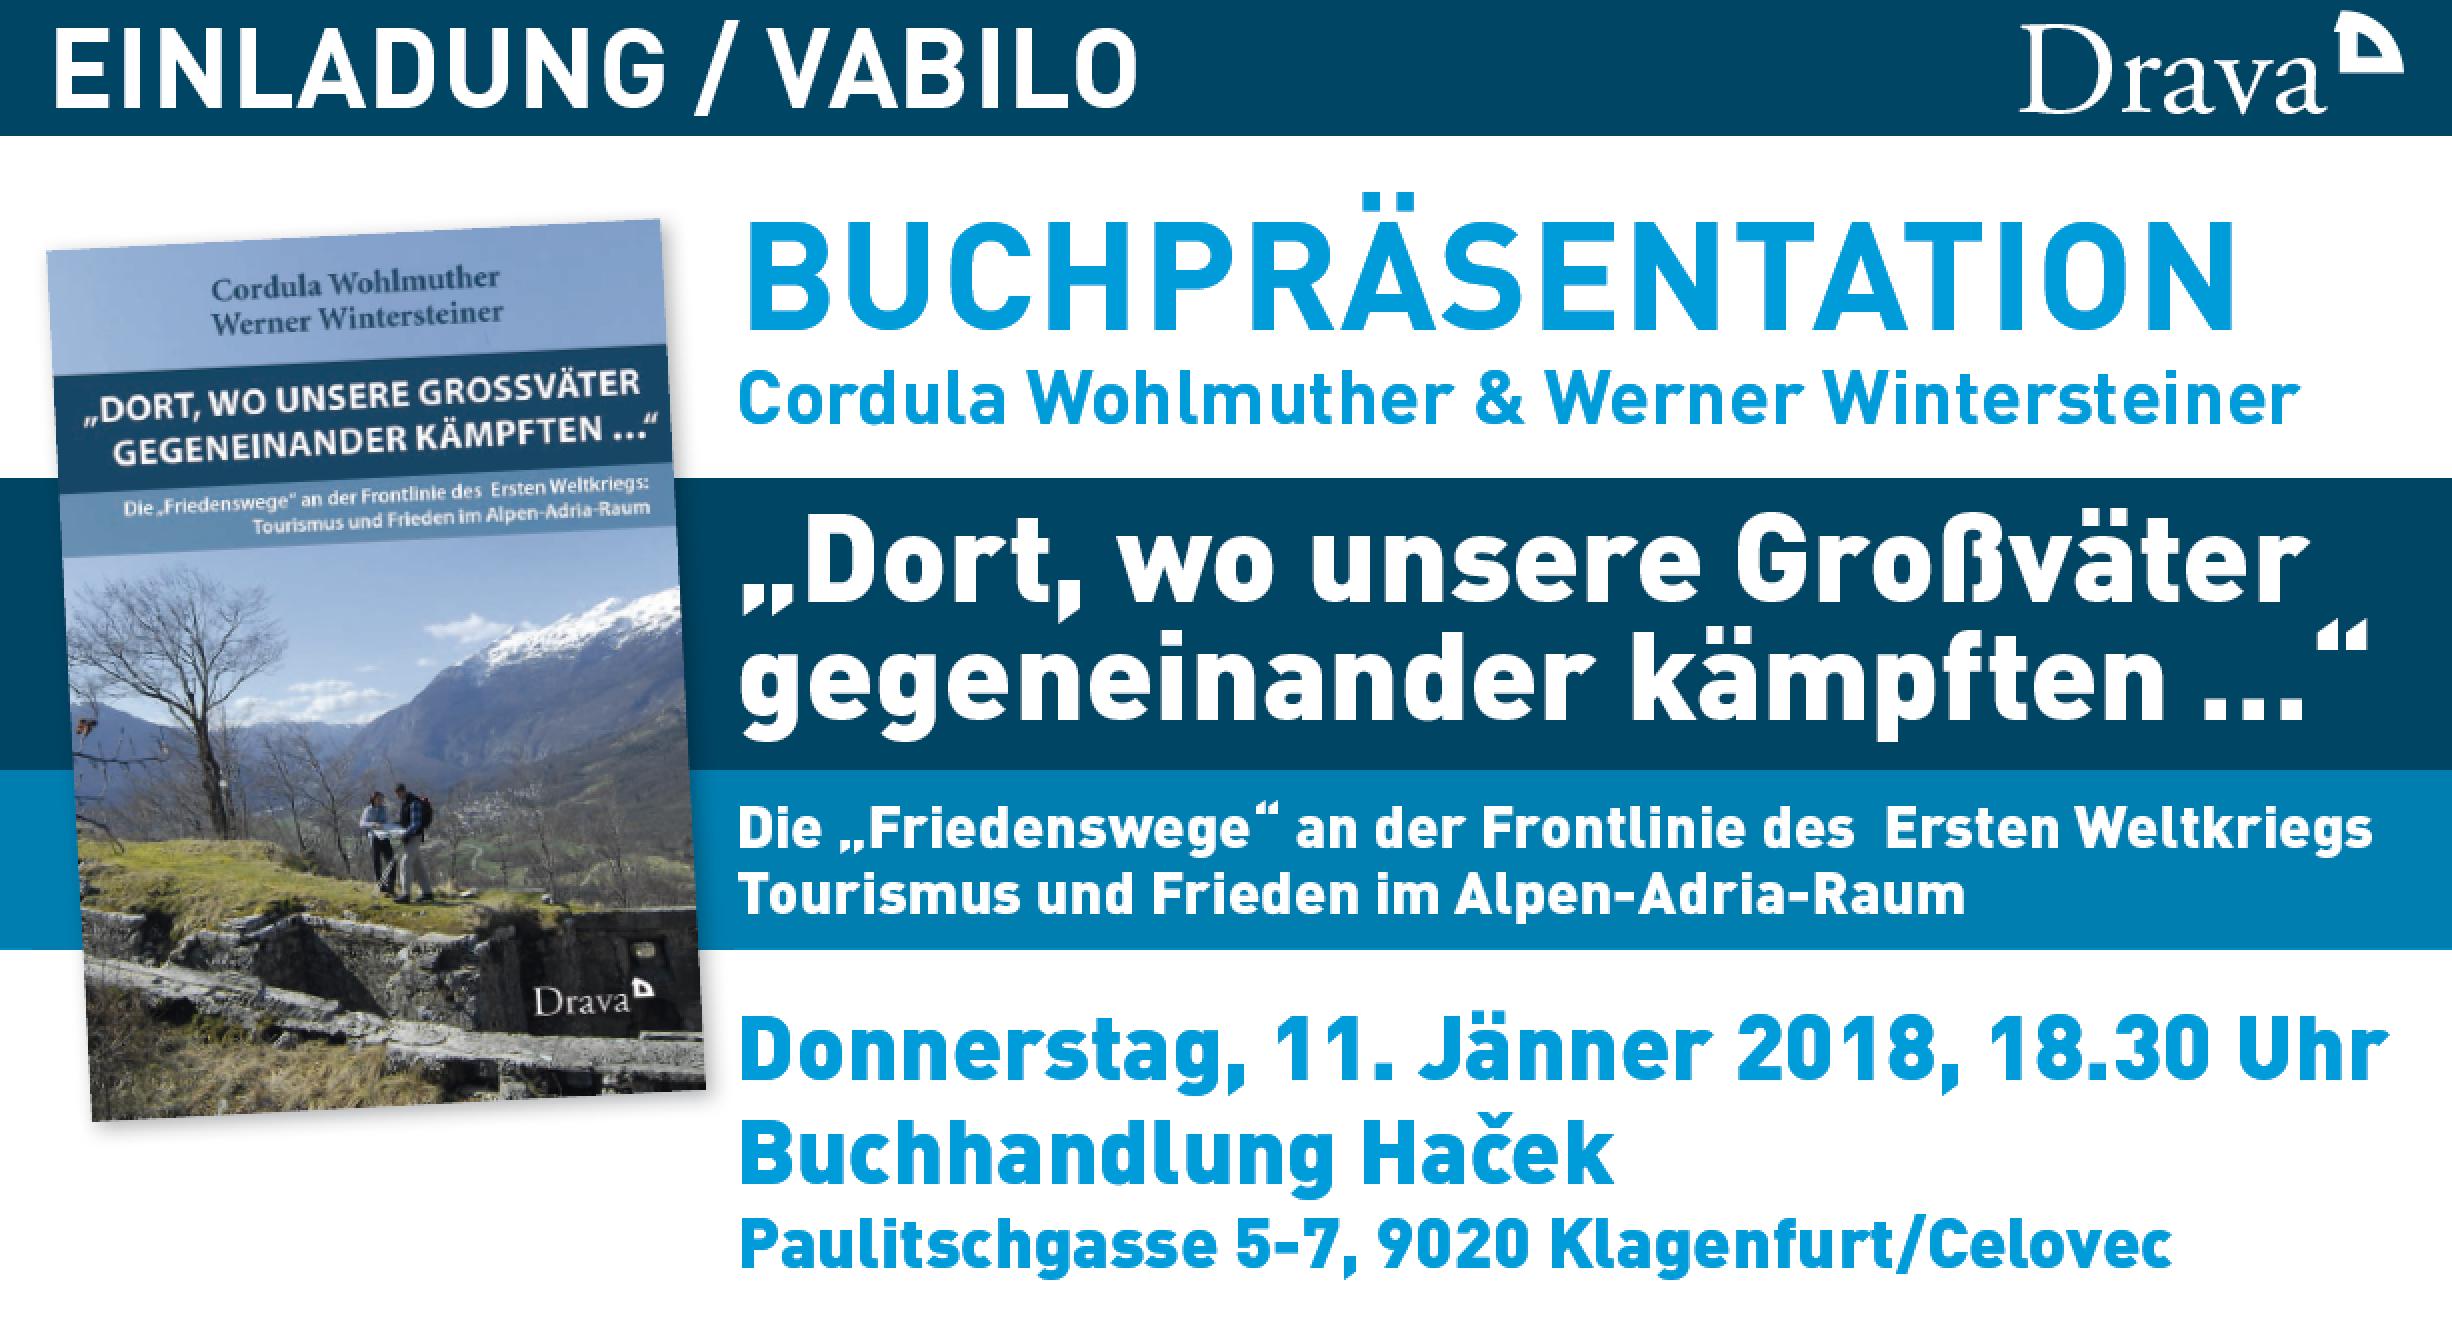 Wohlmuther Cordula & Wintersteiner Werner